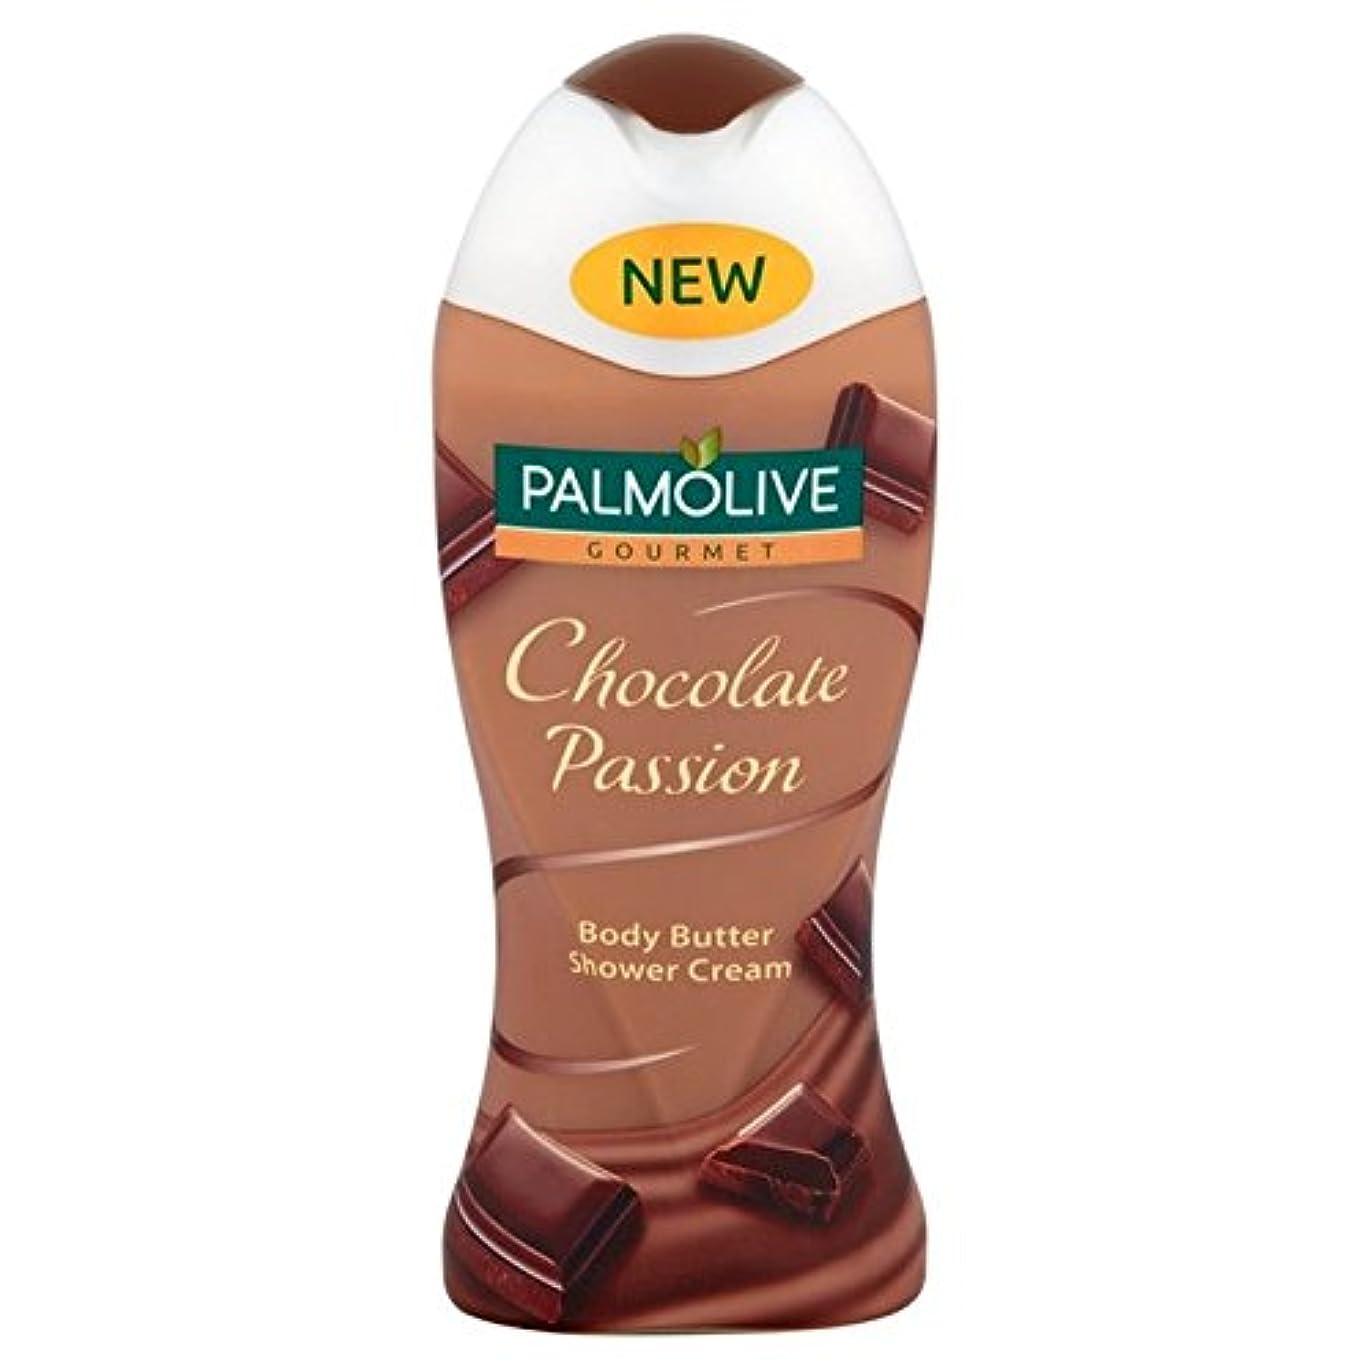 ゲートウェイ見えない汚いパルモグルメチョコレートシャワージェル250ミリリットル x2 - Palmolive Gourmet Chocolate Shower Gel 250ml (Pack of 2) [並行輸入品]